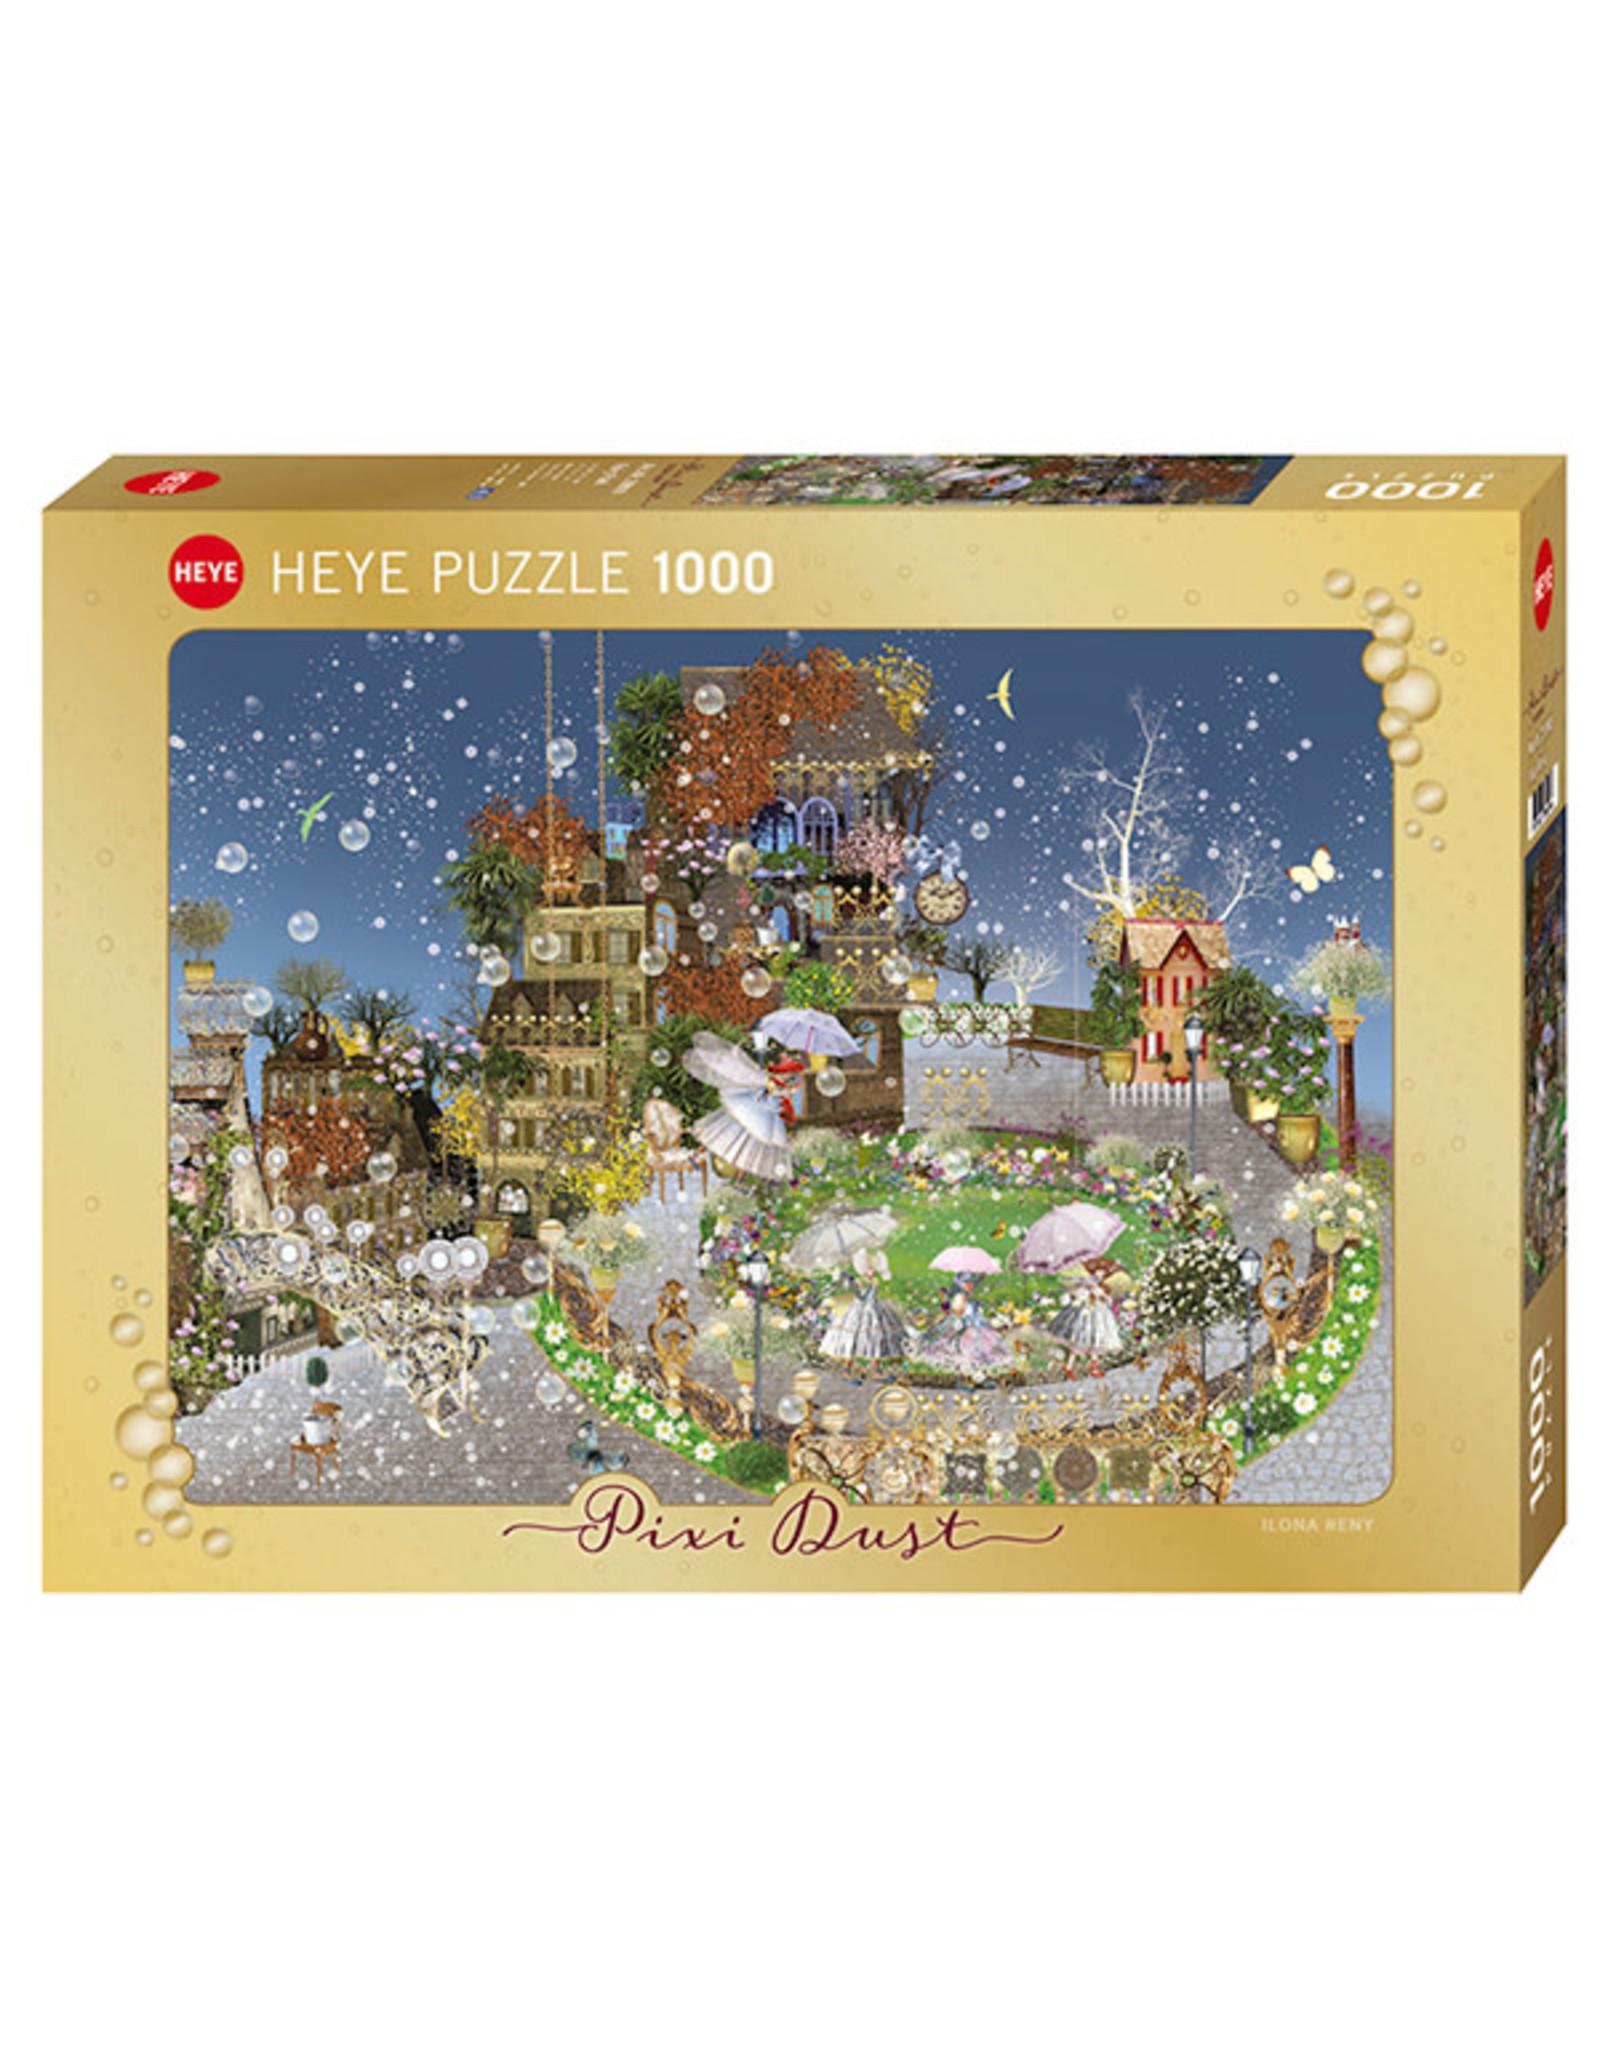 Heye Pixie Dust, Fairy Park 1000pc Puzzle